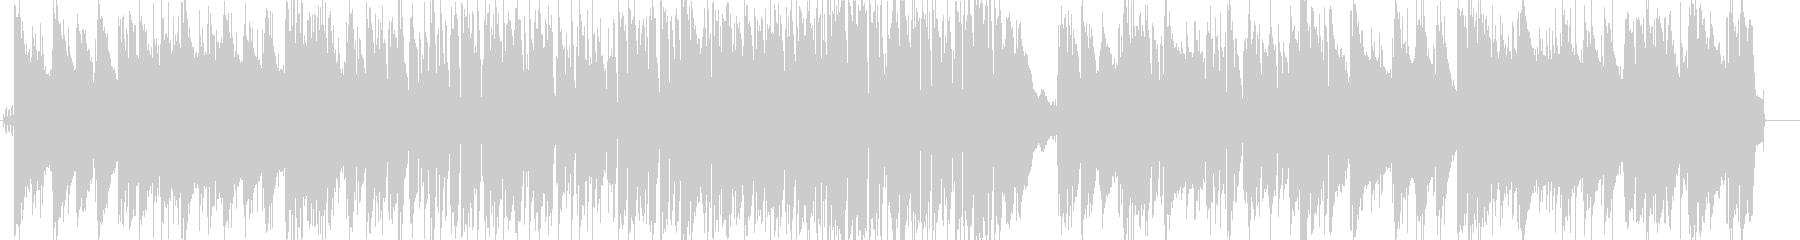 さわやかなボサノバ風ピアノトリオの未再生の波形